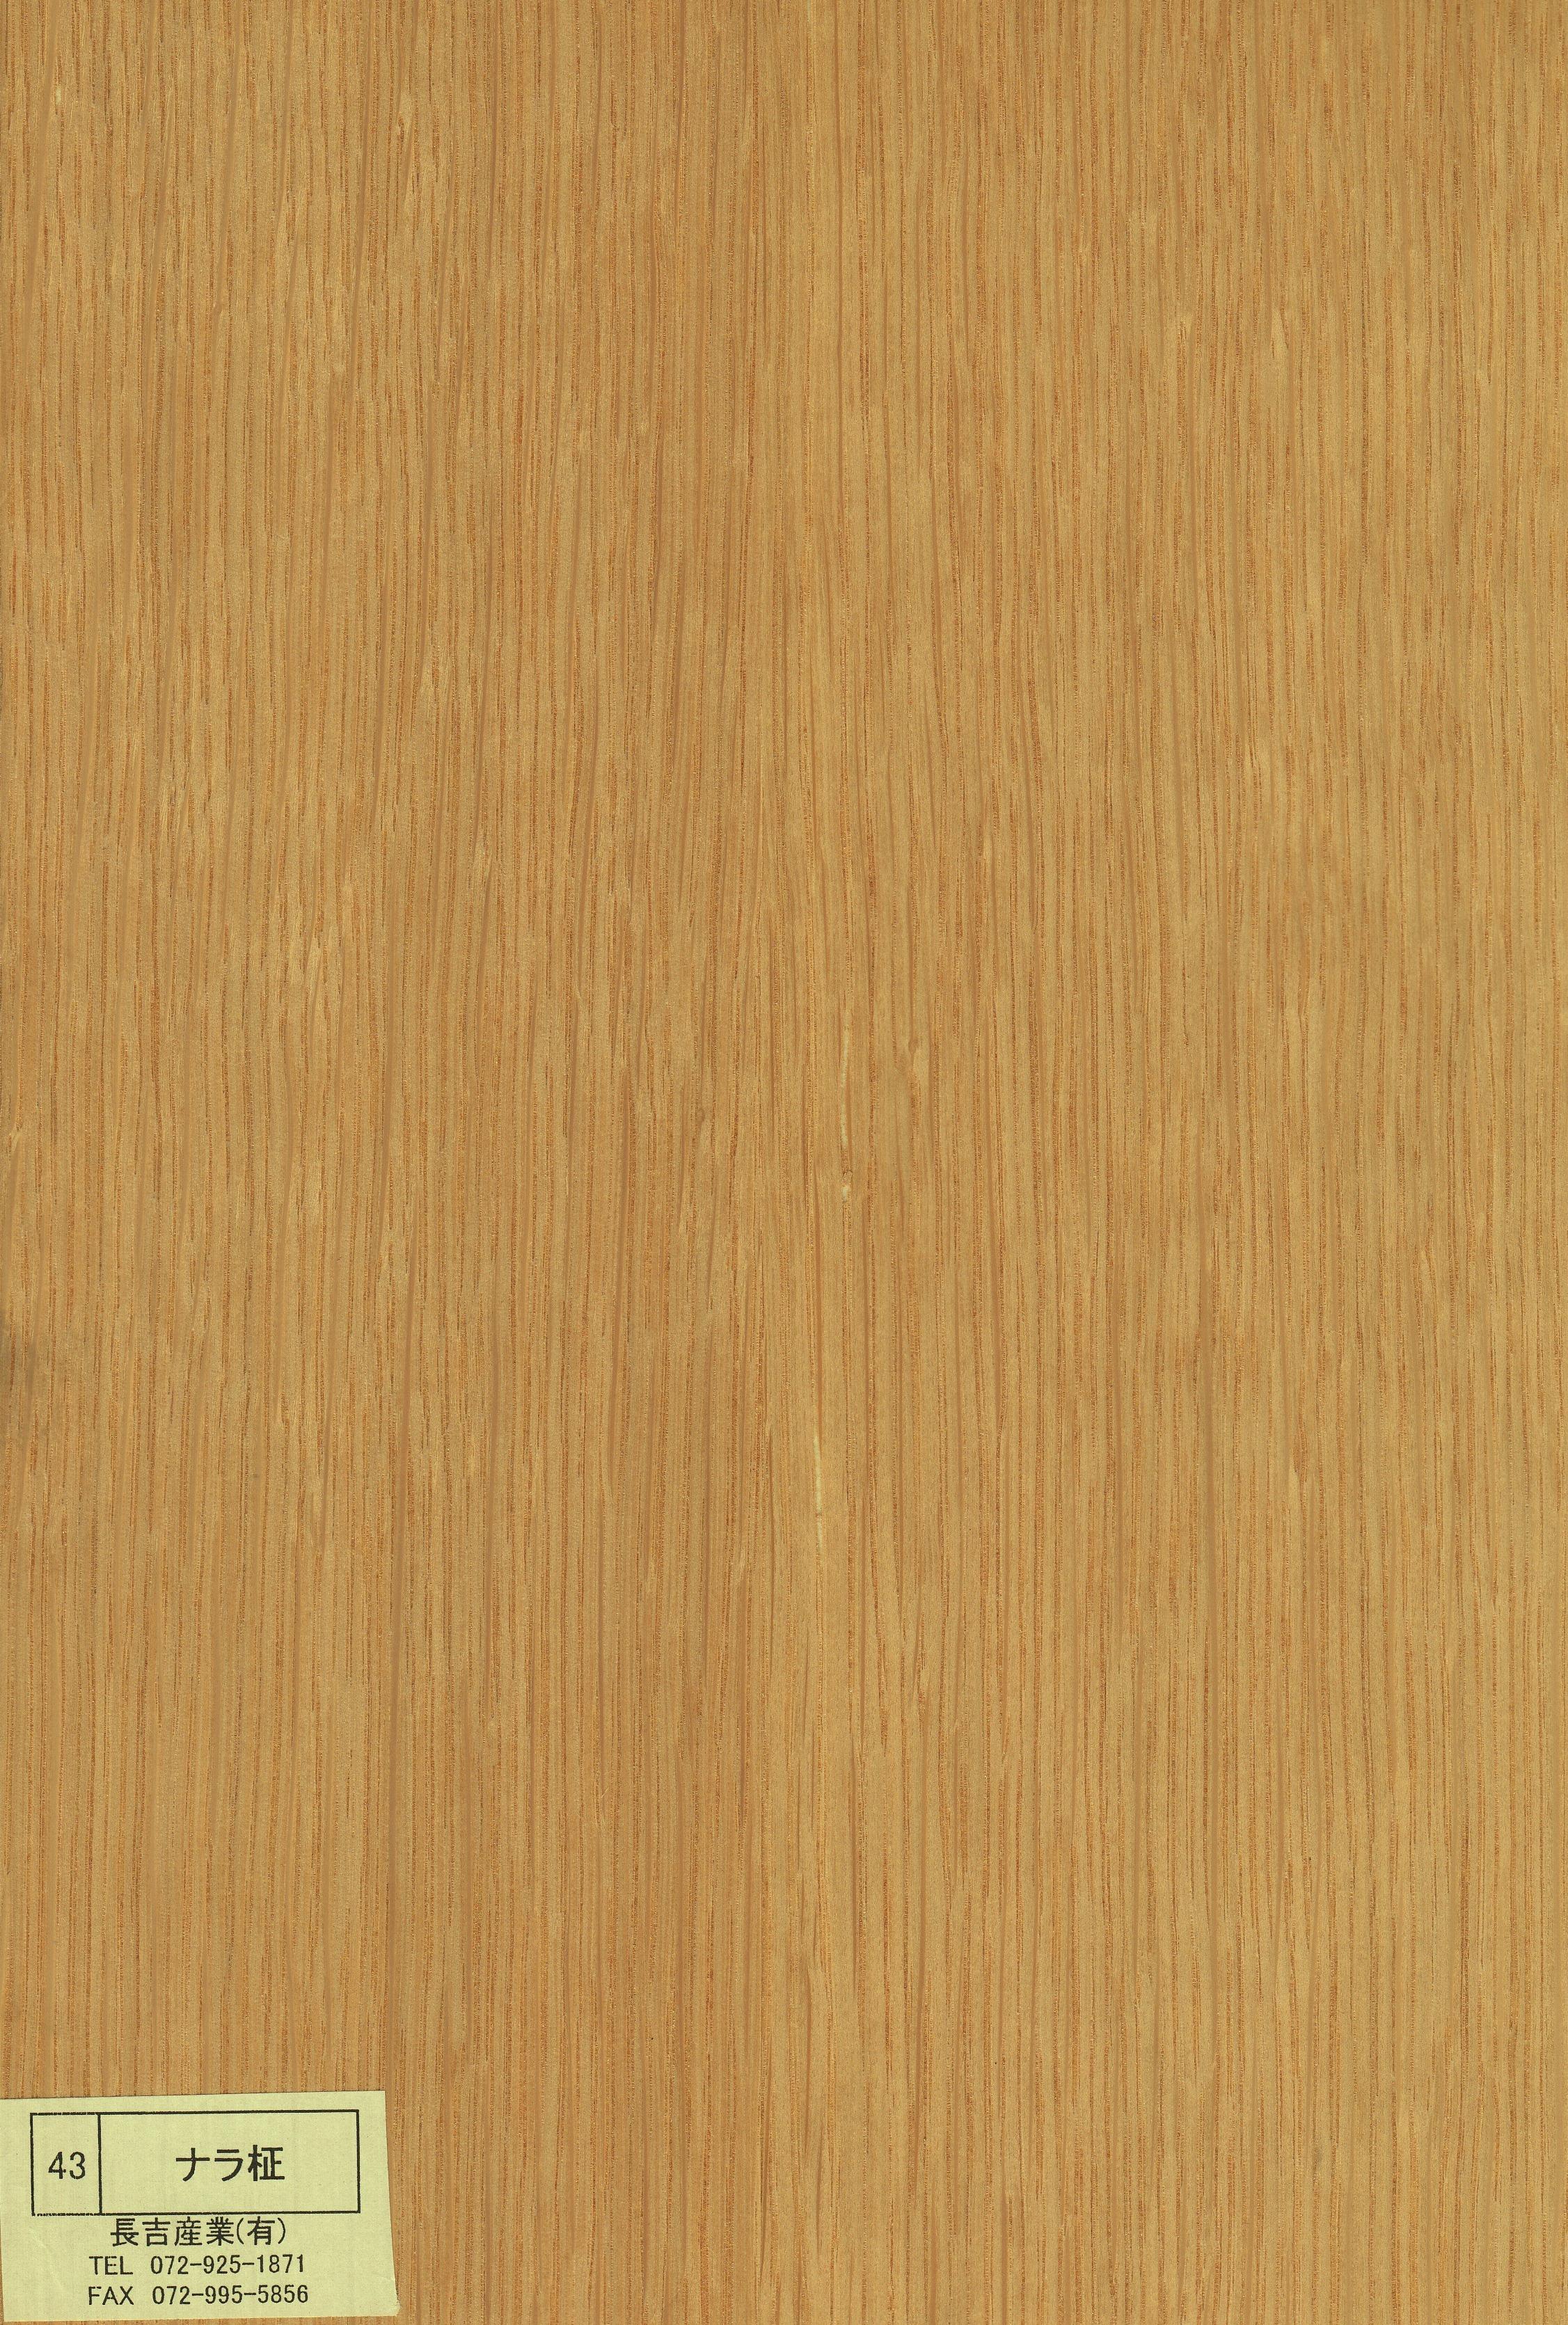 ナラ | 突板(ツキ板)の製造・...